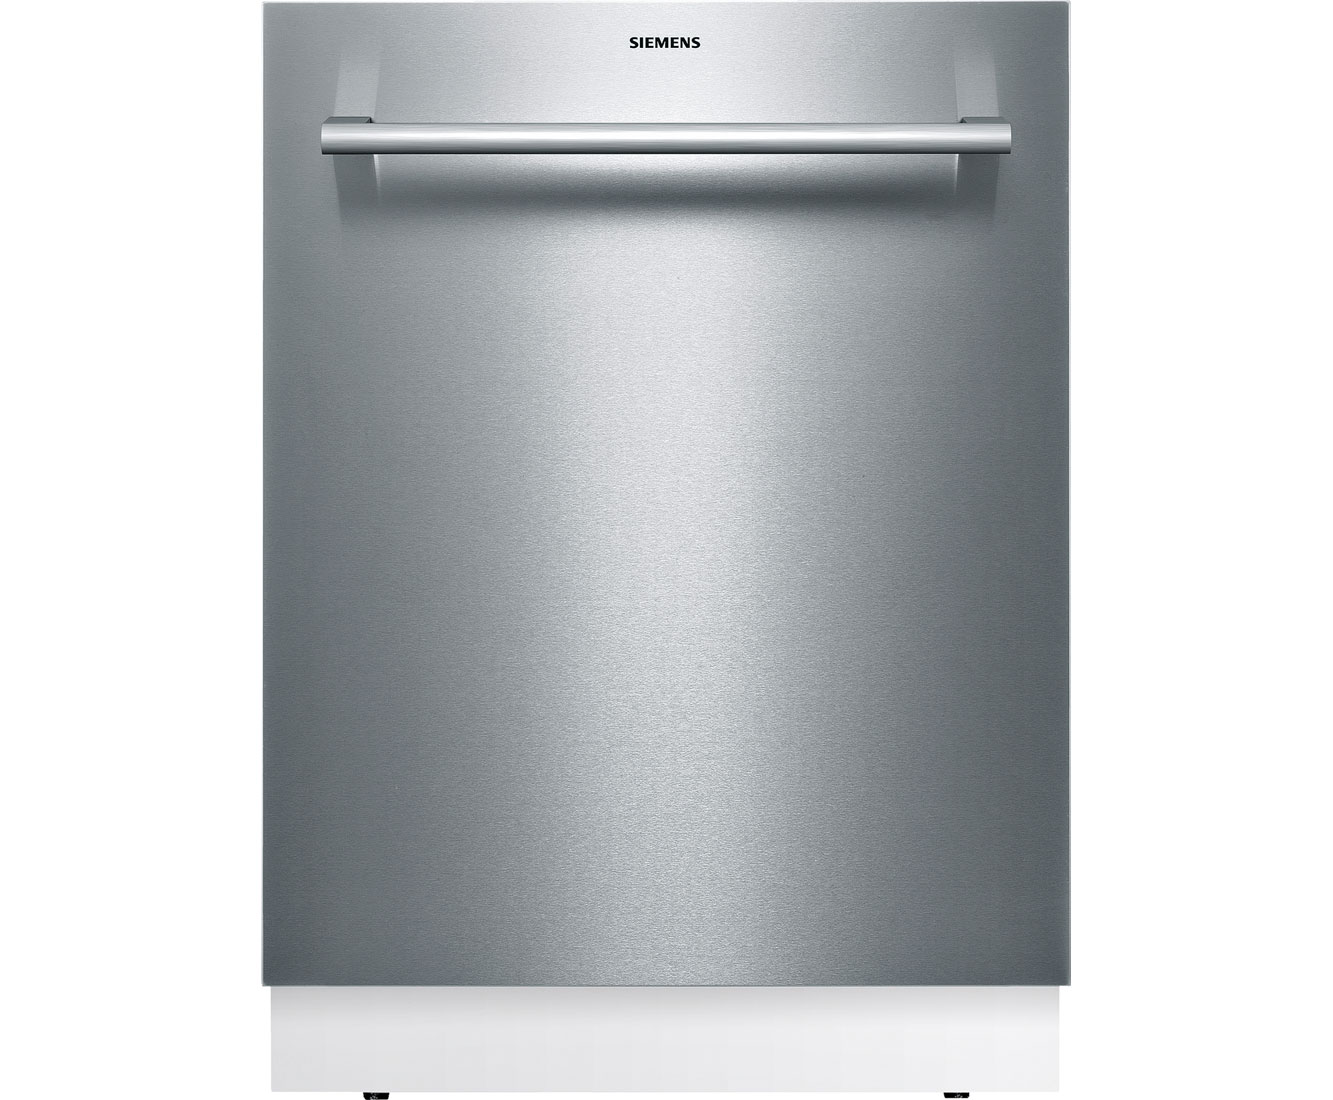 Siemens Kühlschrank Groß : Siemens iq ku rsx unterbau kühlschrank er nische